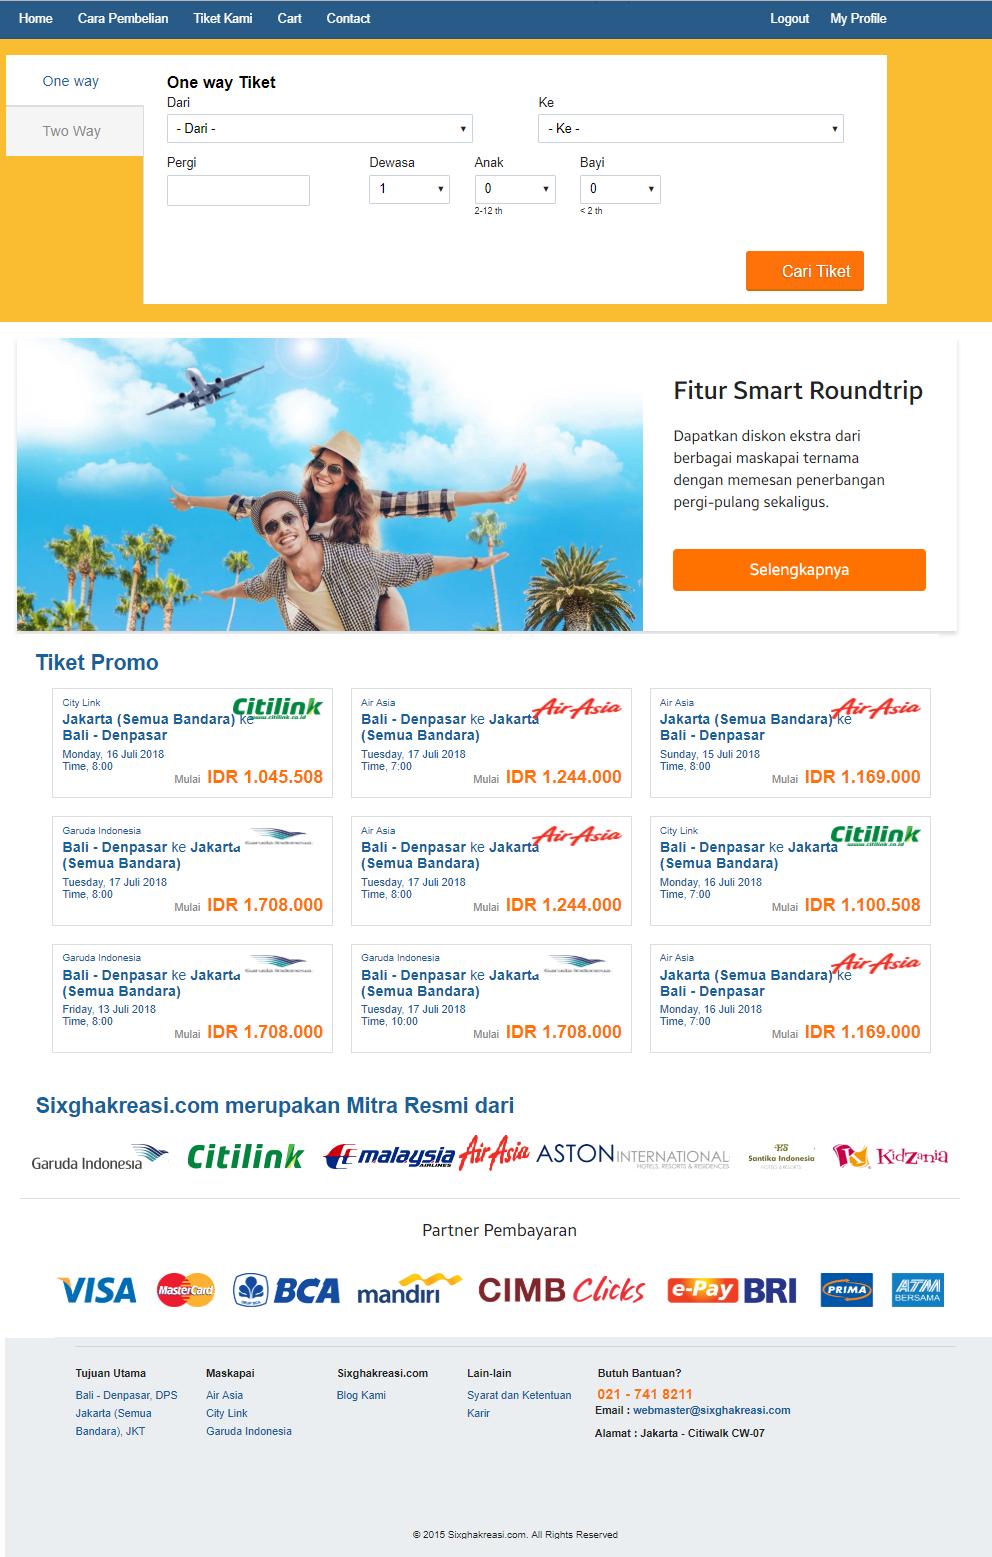 Aplikasi Penjualan Tiket pesawat